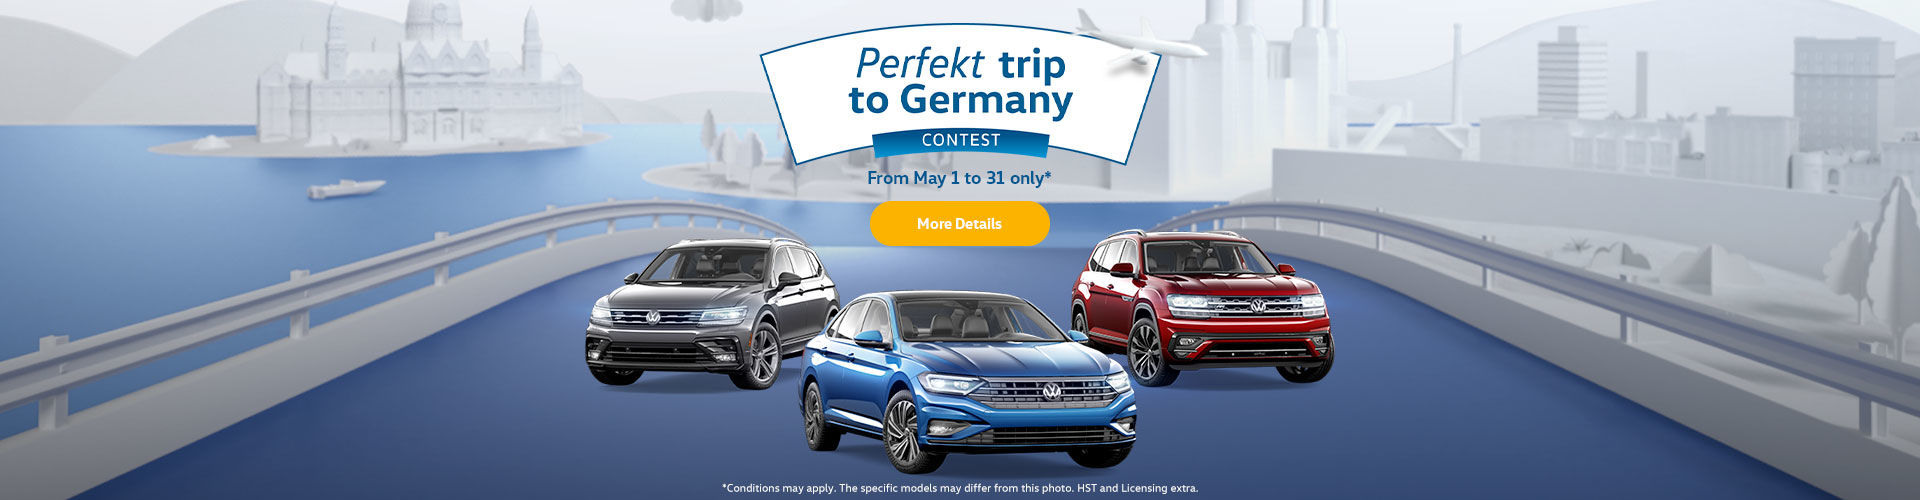 Perfekt Trip to Germany Contest